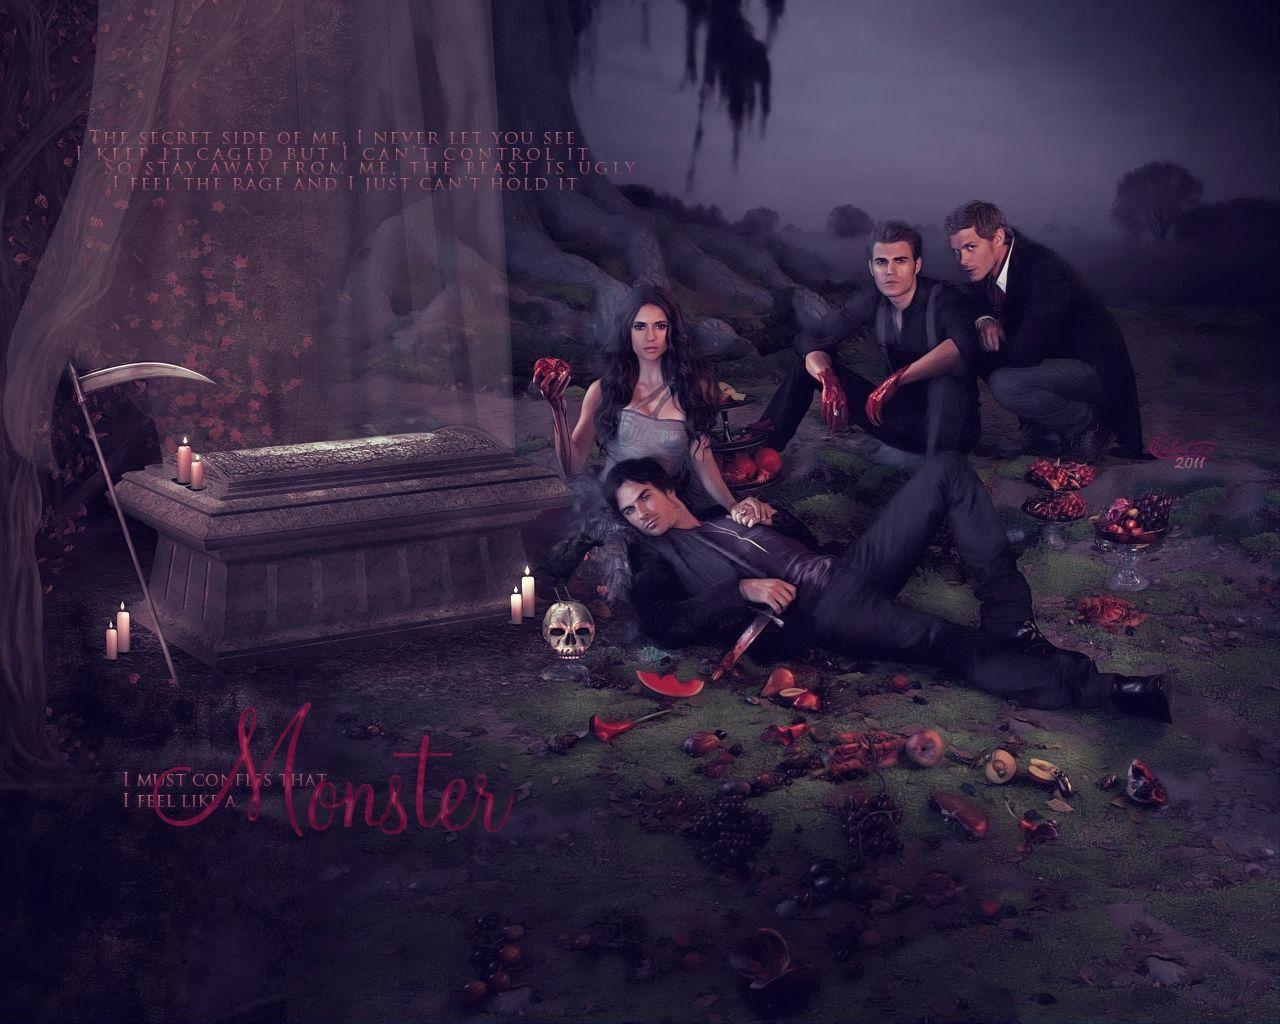 吸血鬼 日记/吸血鬼日记第4季(Vampire Diaries)上(E1/E11)